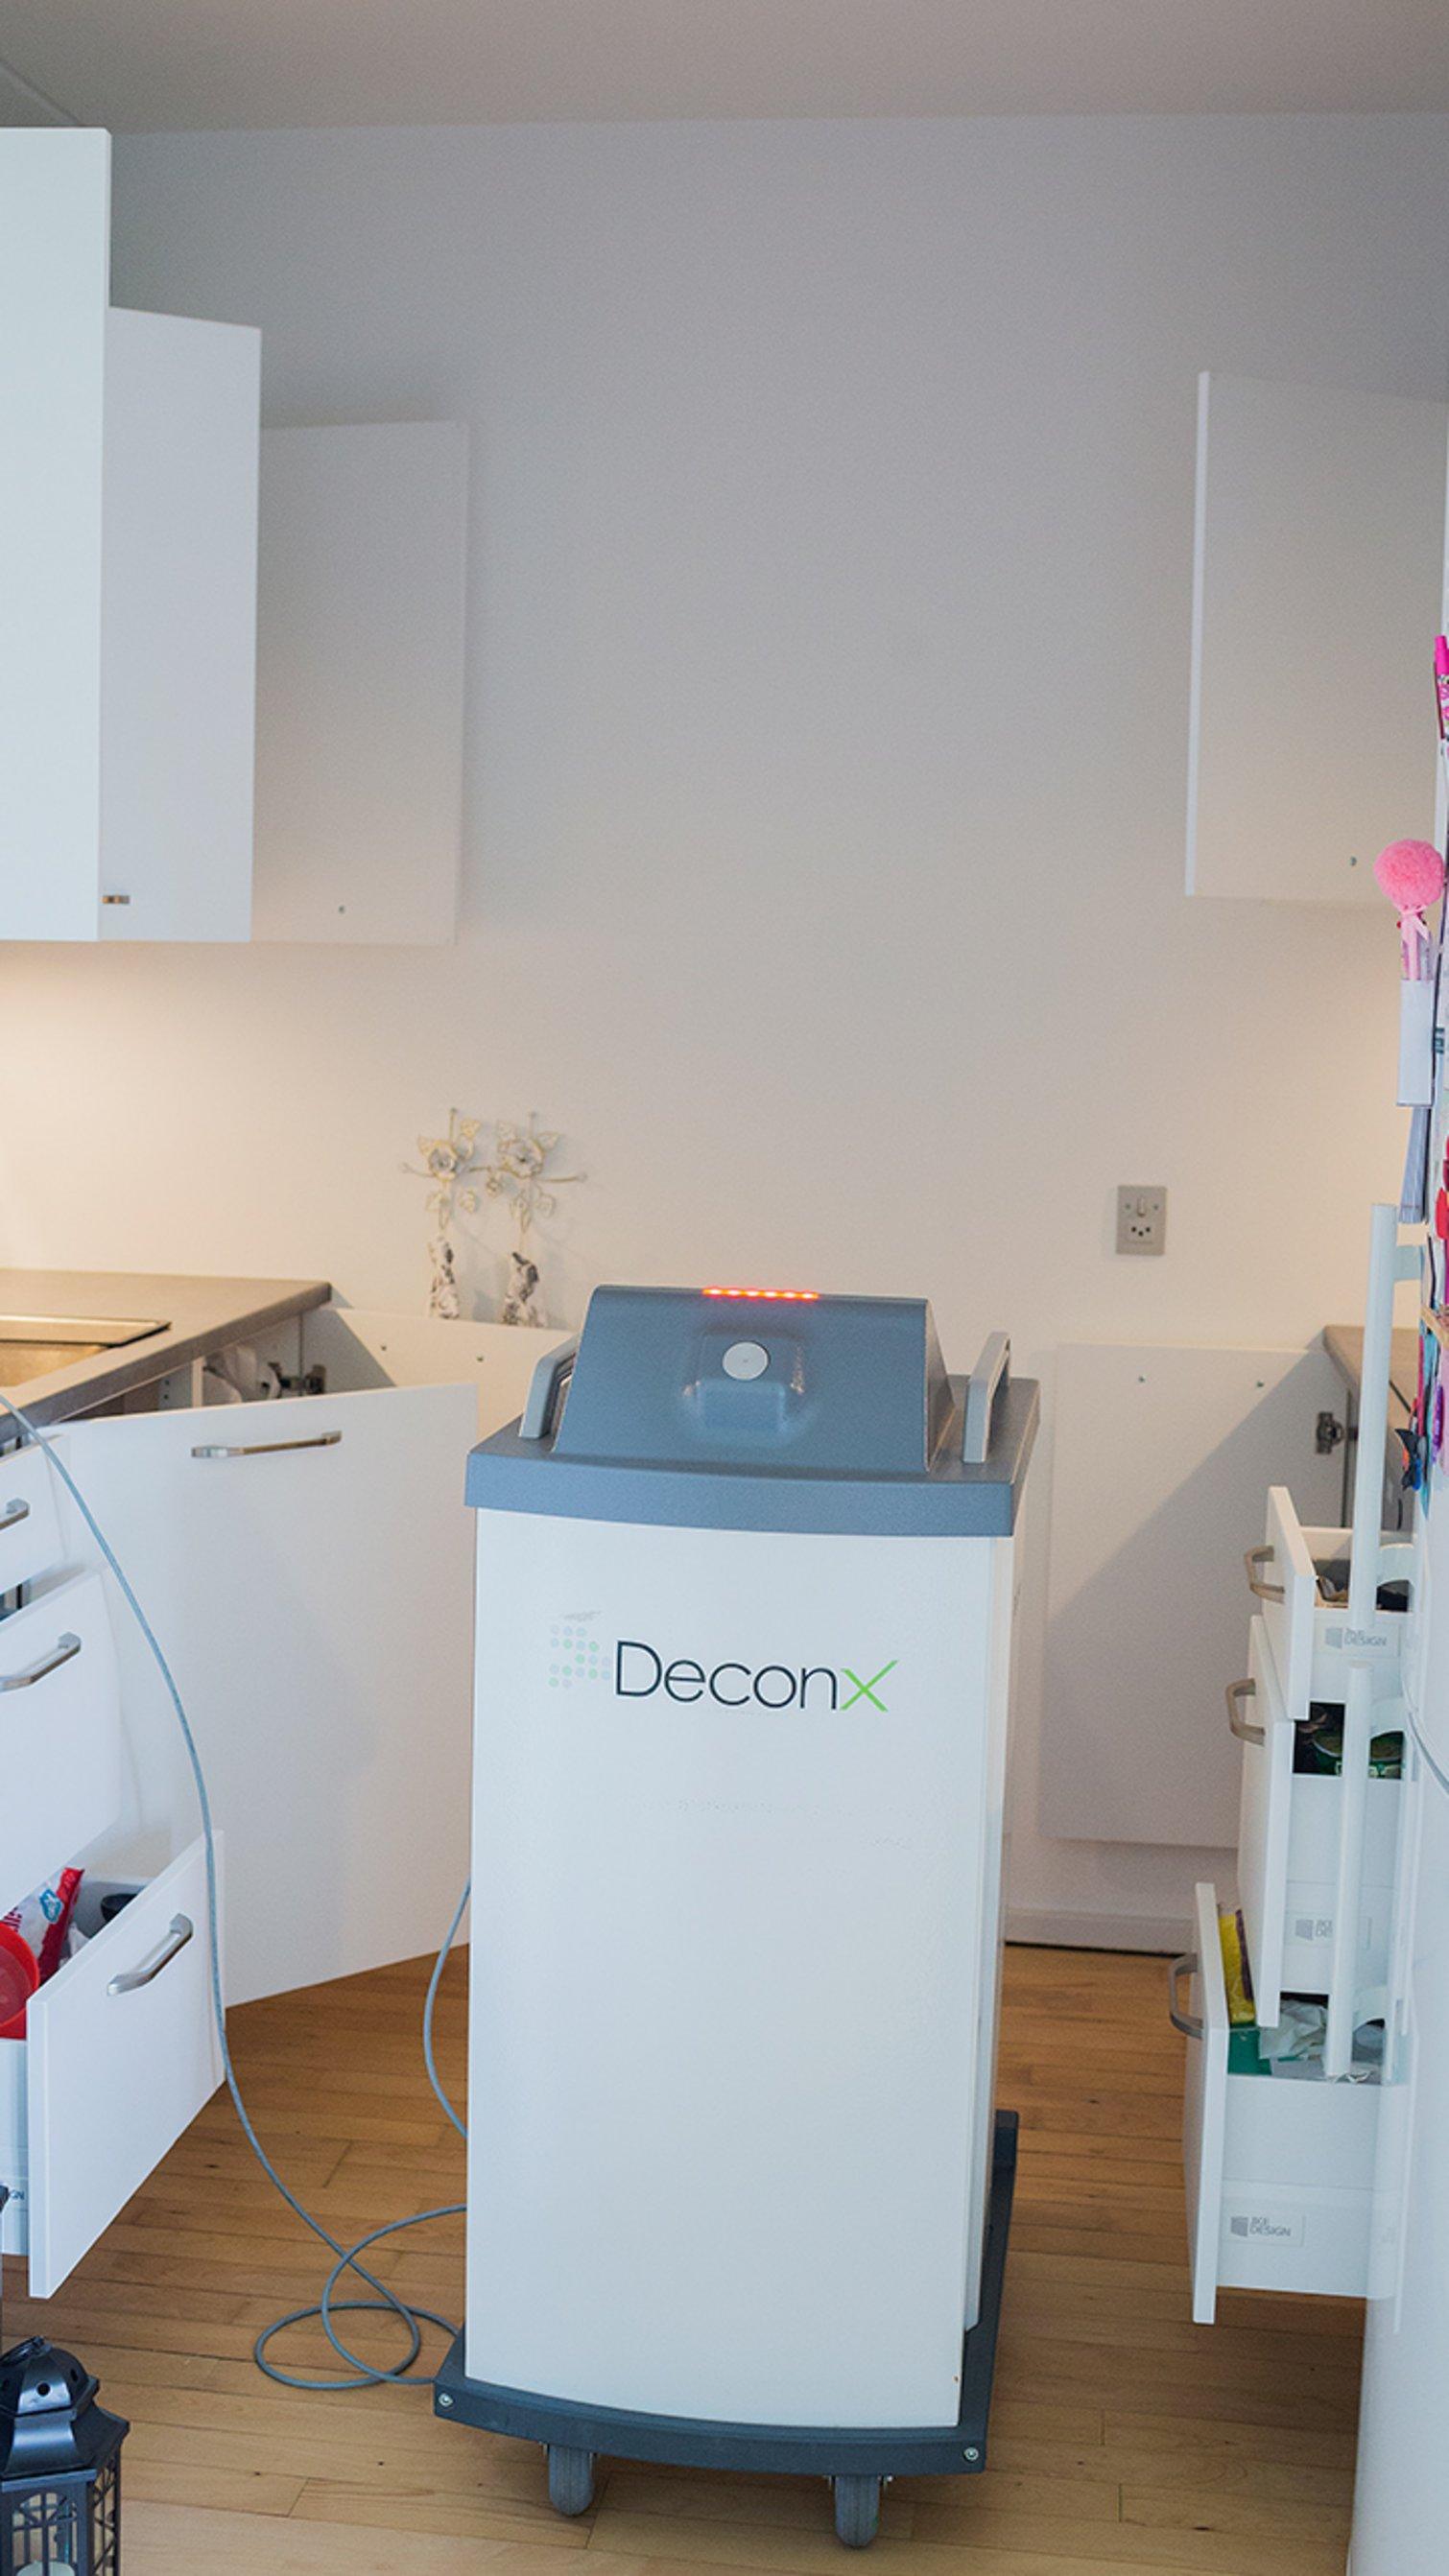 Hvordan fjerner man røglugt fra boligen? Få de mest kendte